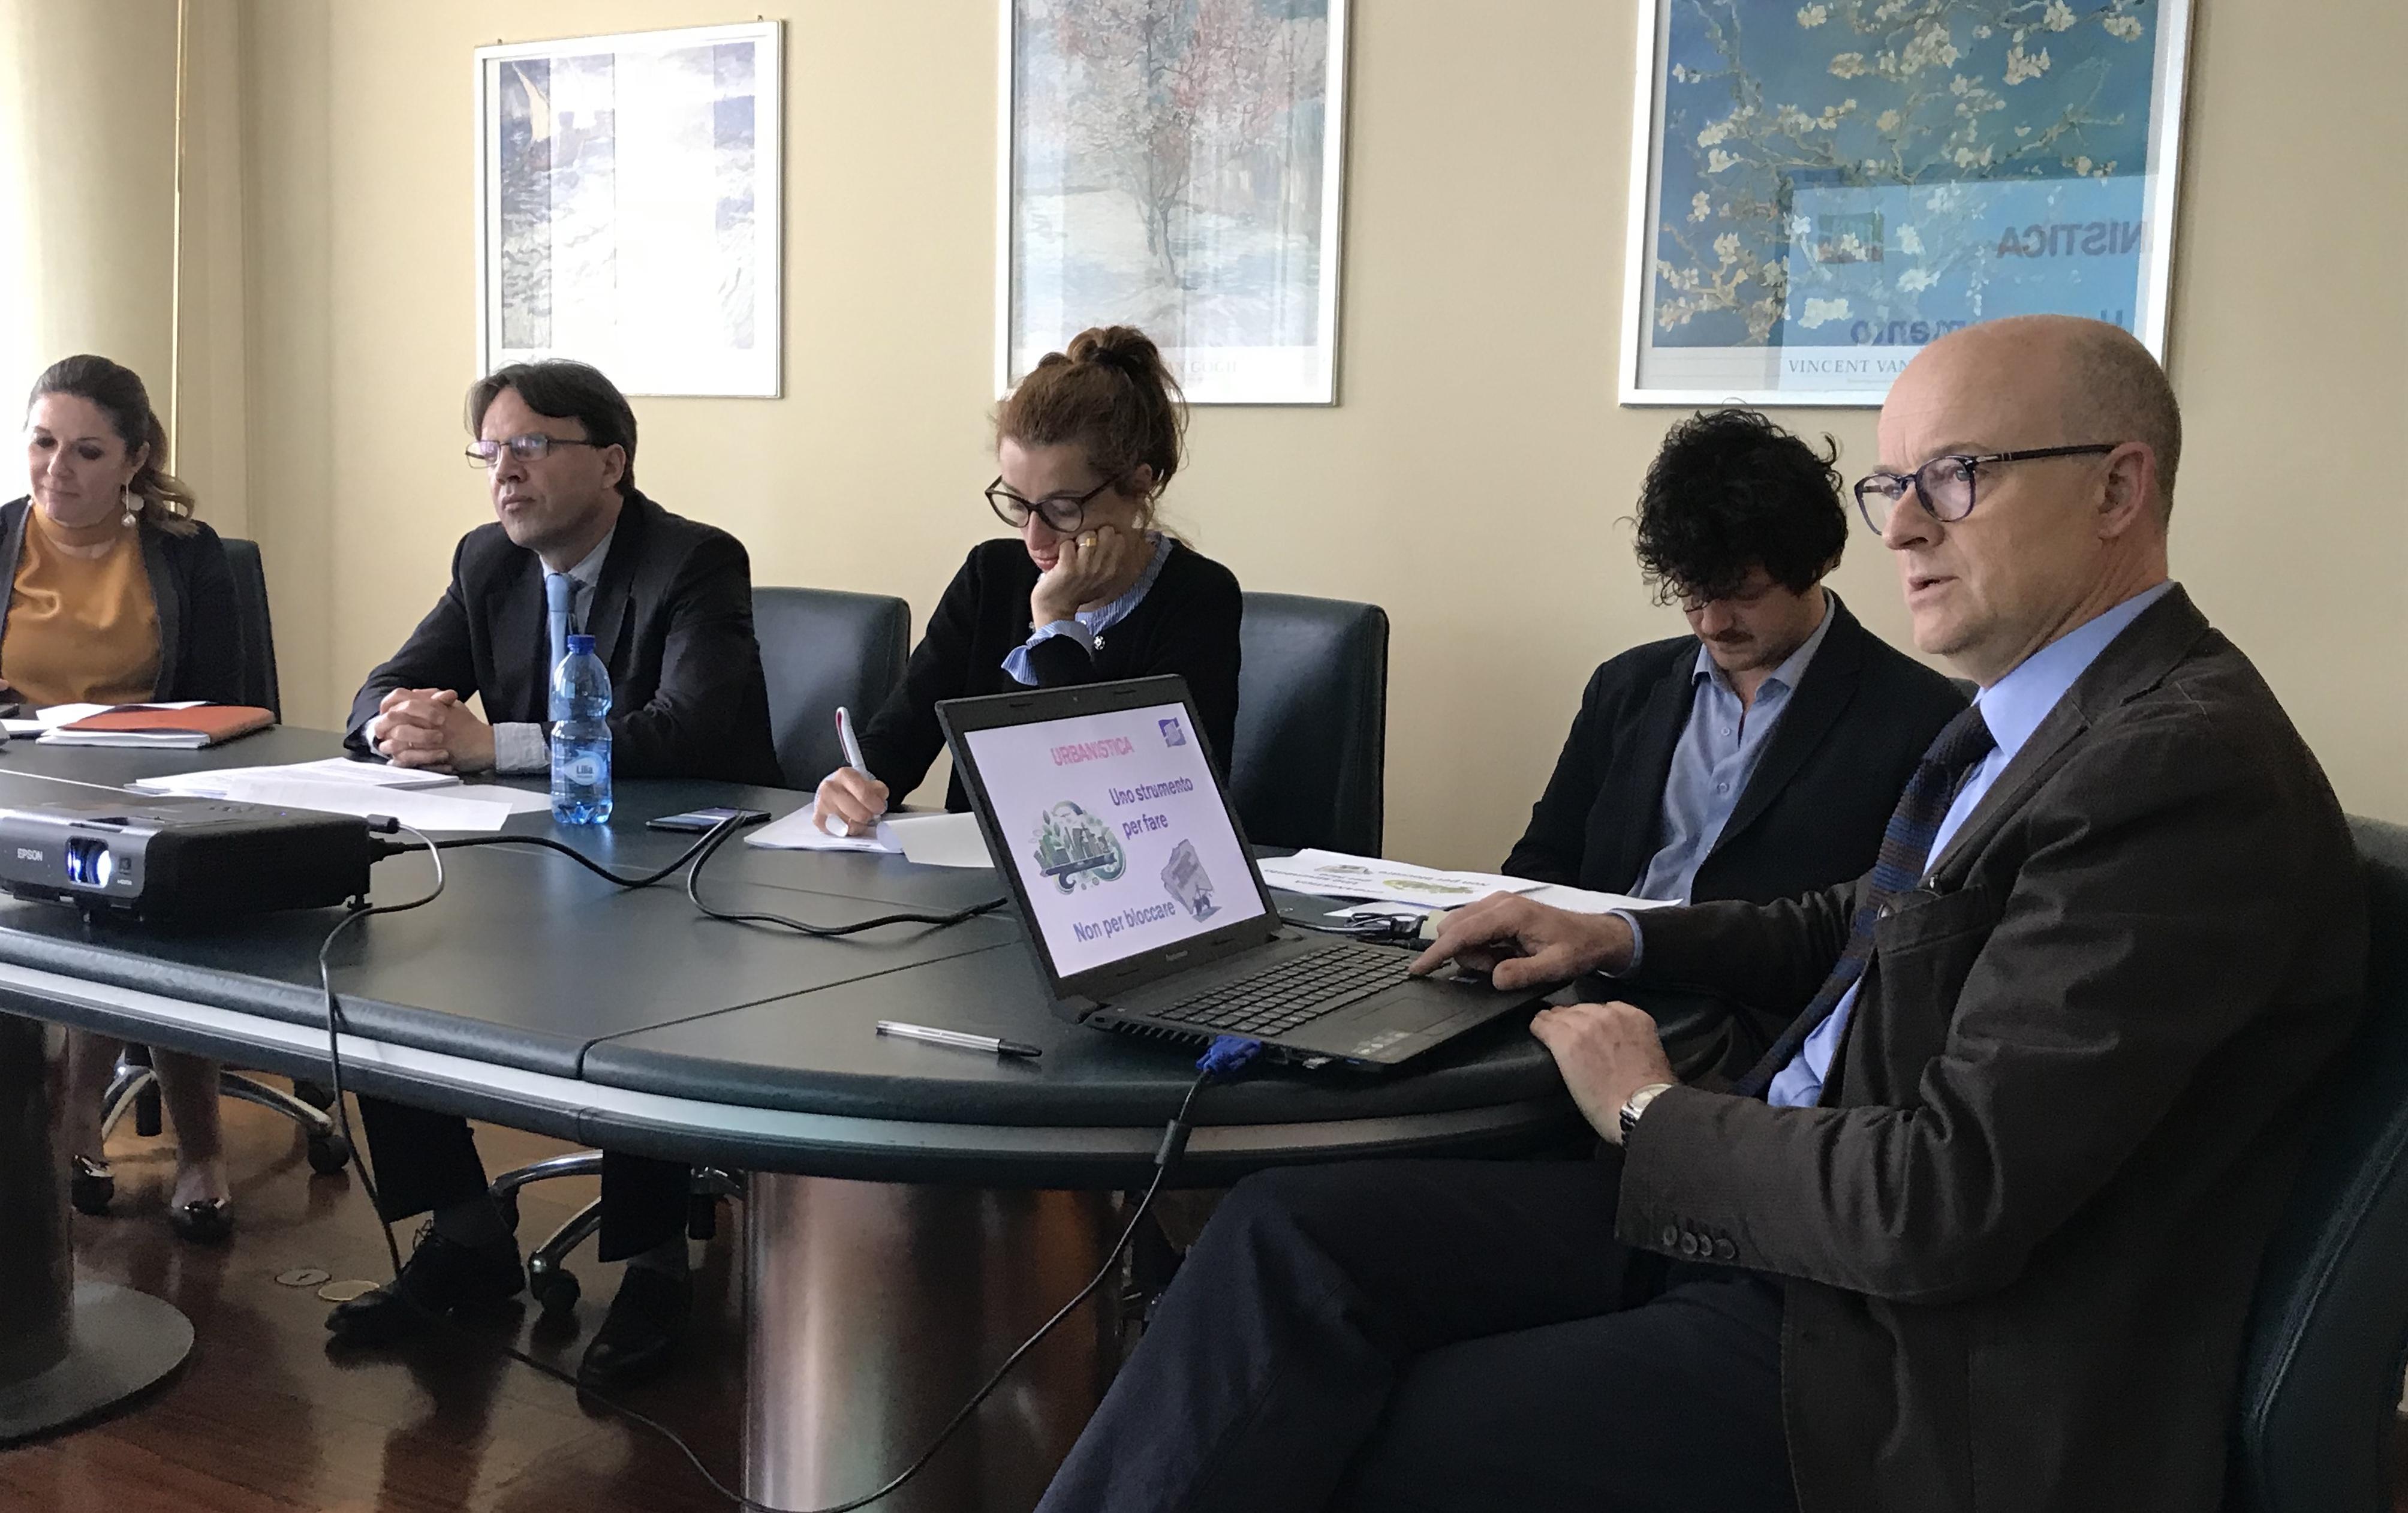 Forza italia in regione piemonte presentato innovativo for Diretta dal parlamento